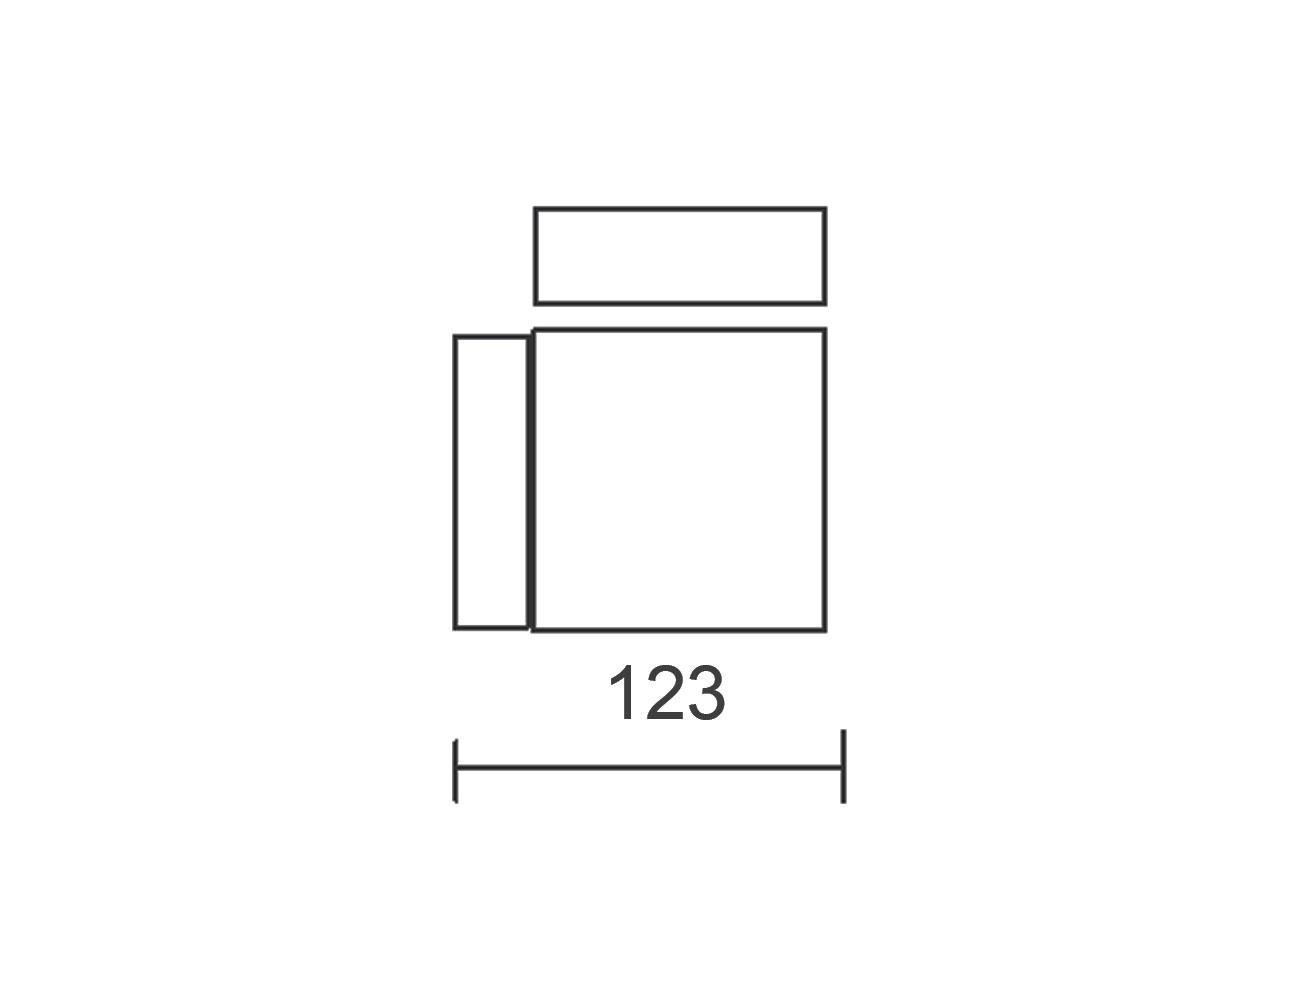 Modulo 1235